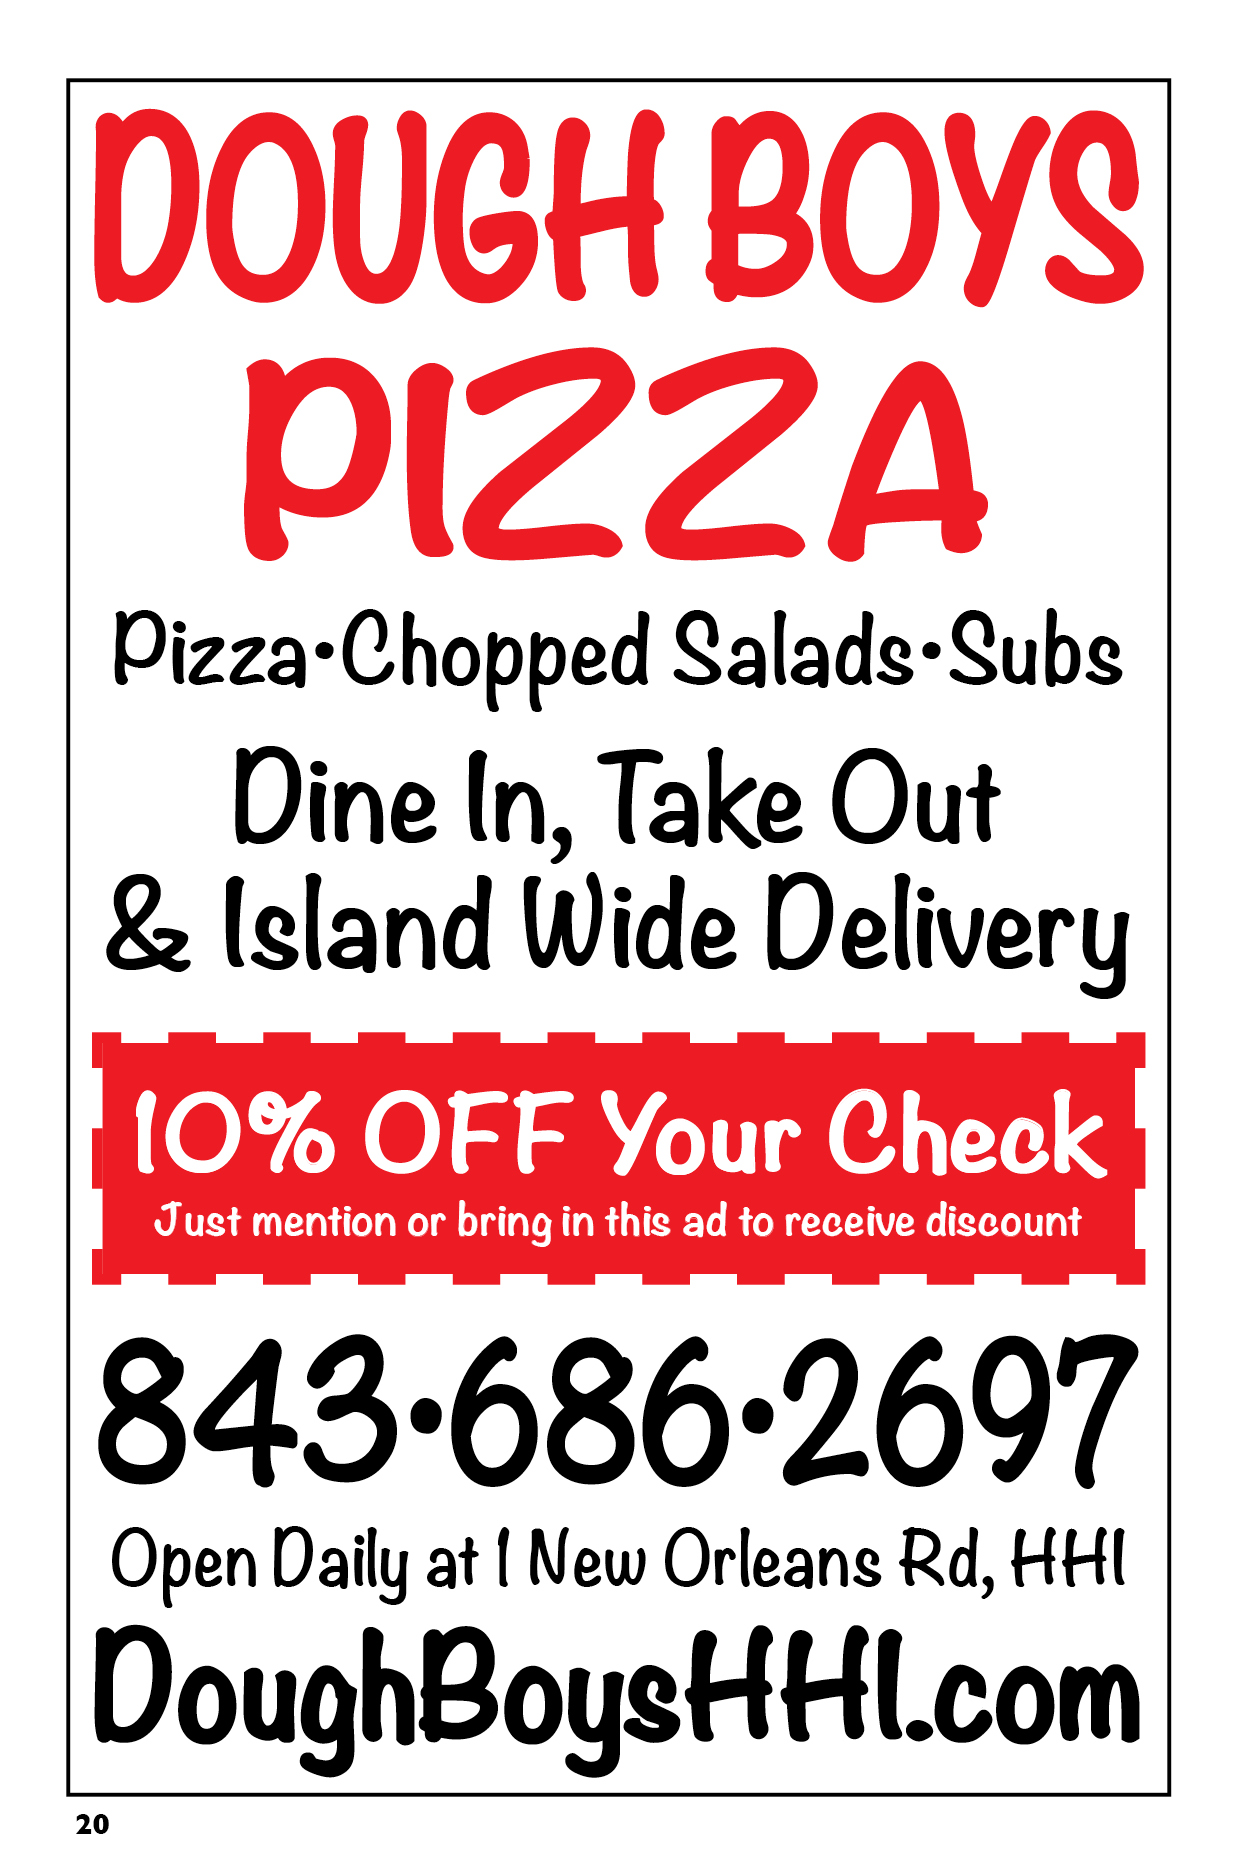 Doughboy Pizza Deals